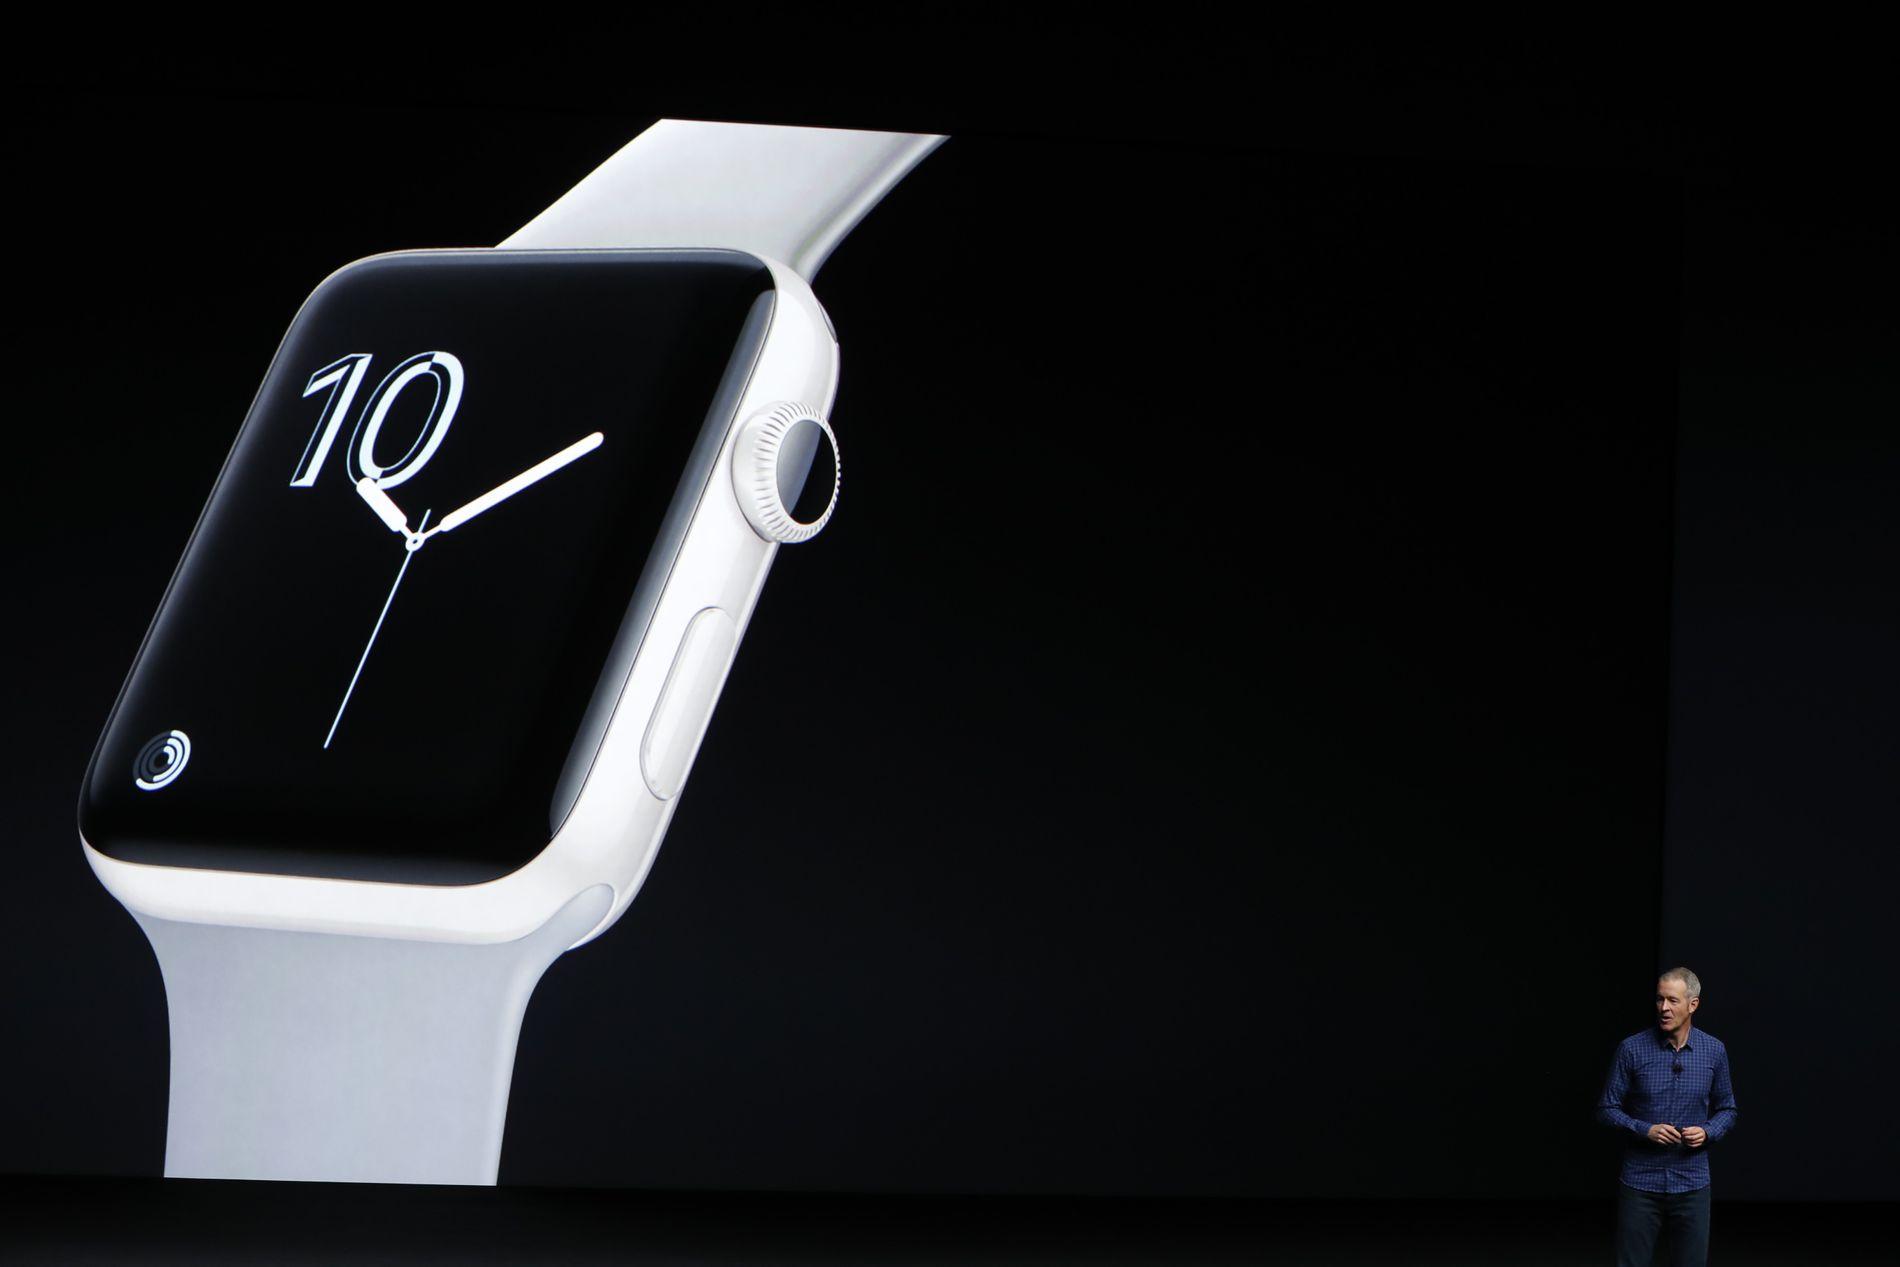 ADVARER: – Det er minst tre grunner til at foreldre ikke burde kjøpe smartklokker til ungene og at myndighetene burde reagere kraftigere på salget av dem, skriver kronikkforfatteren. Her fra lanseringen av Apple Watch Series 2 i San Francisco 7. september i fjor.